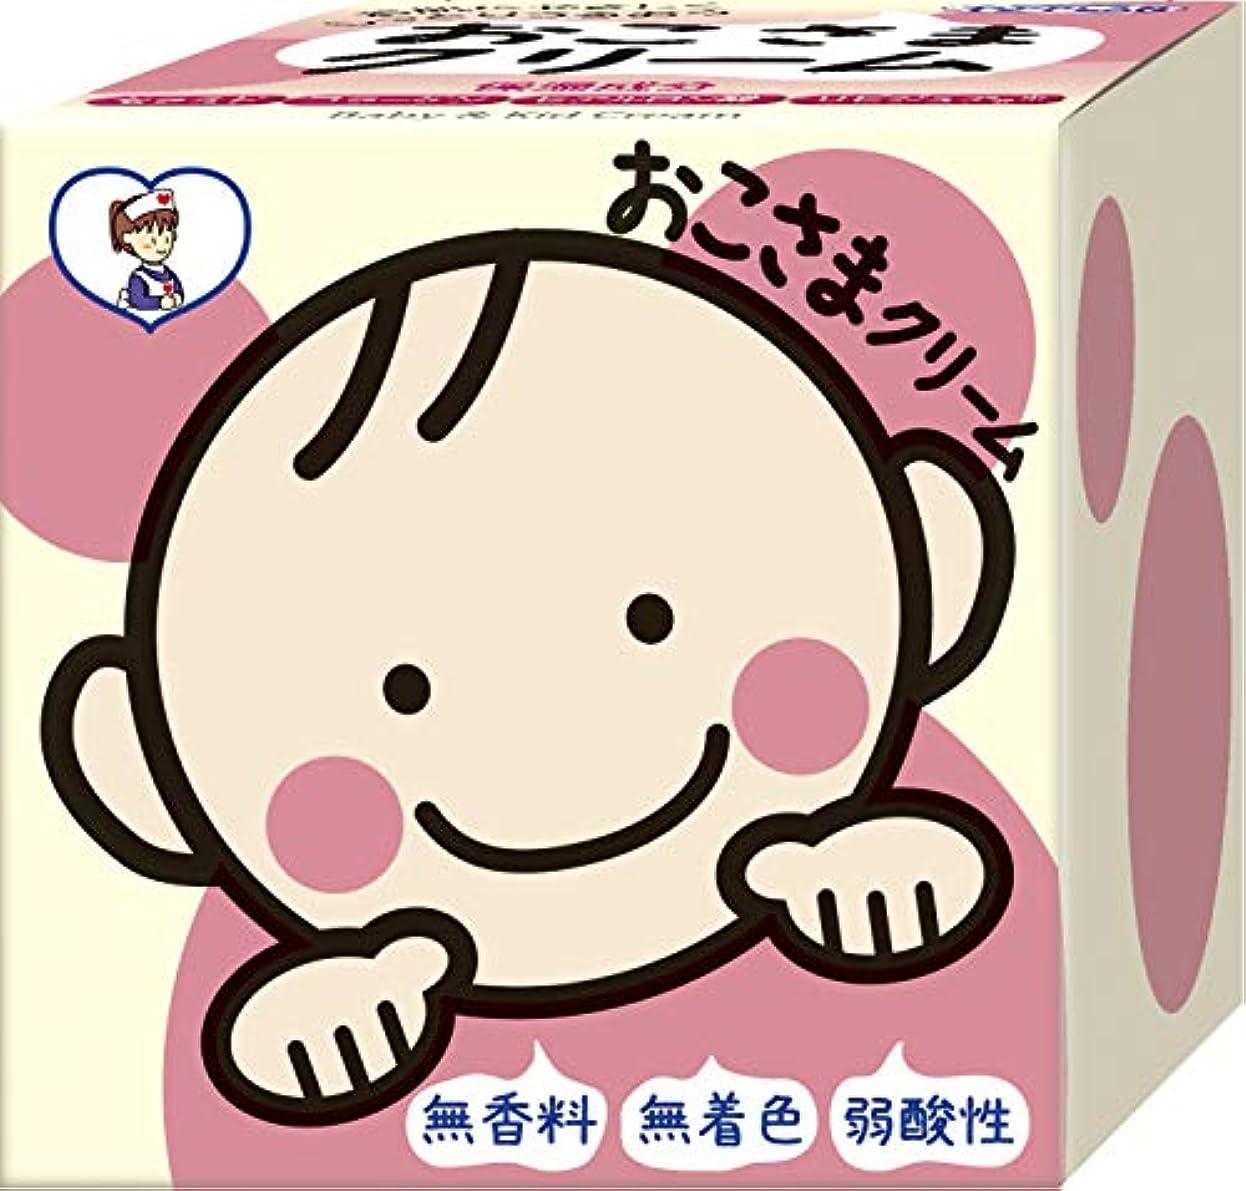 困惑戦闘ハムTO-PLAN(トプラン) おこさまクリーム110g 無着色 無香料 低刺激クリーム